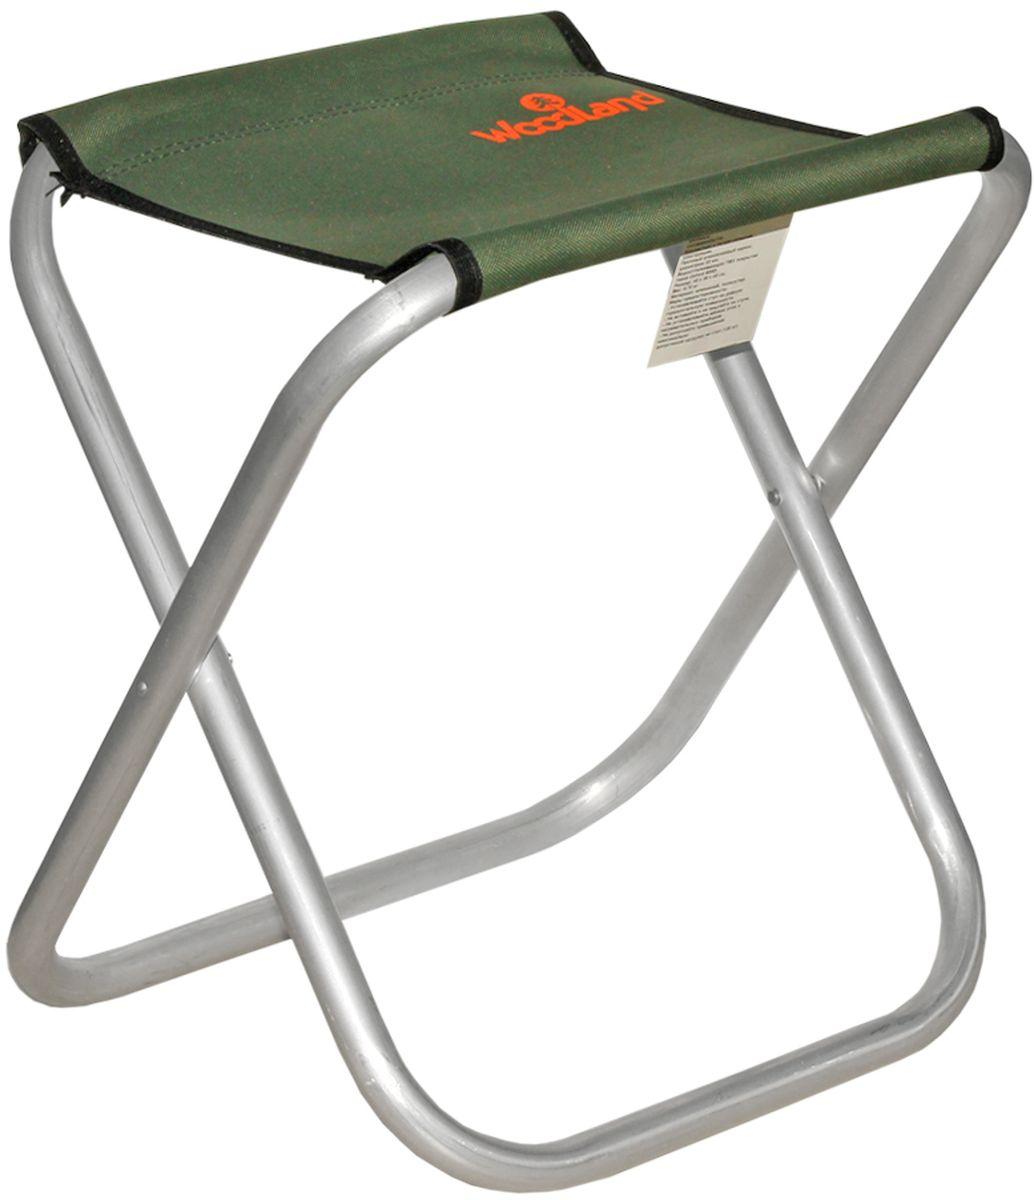 Стул Woodland Compact ALU, цвет: оливковый, стальной, 40 x 30 х 40 см0062397Прочный алюминиевый каркас диаметром 22 мм. Водоотталкивающее ПВХ покрытие ткани Oxford 600D. Максимально допустимая нагрузка: 120 кг